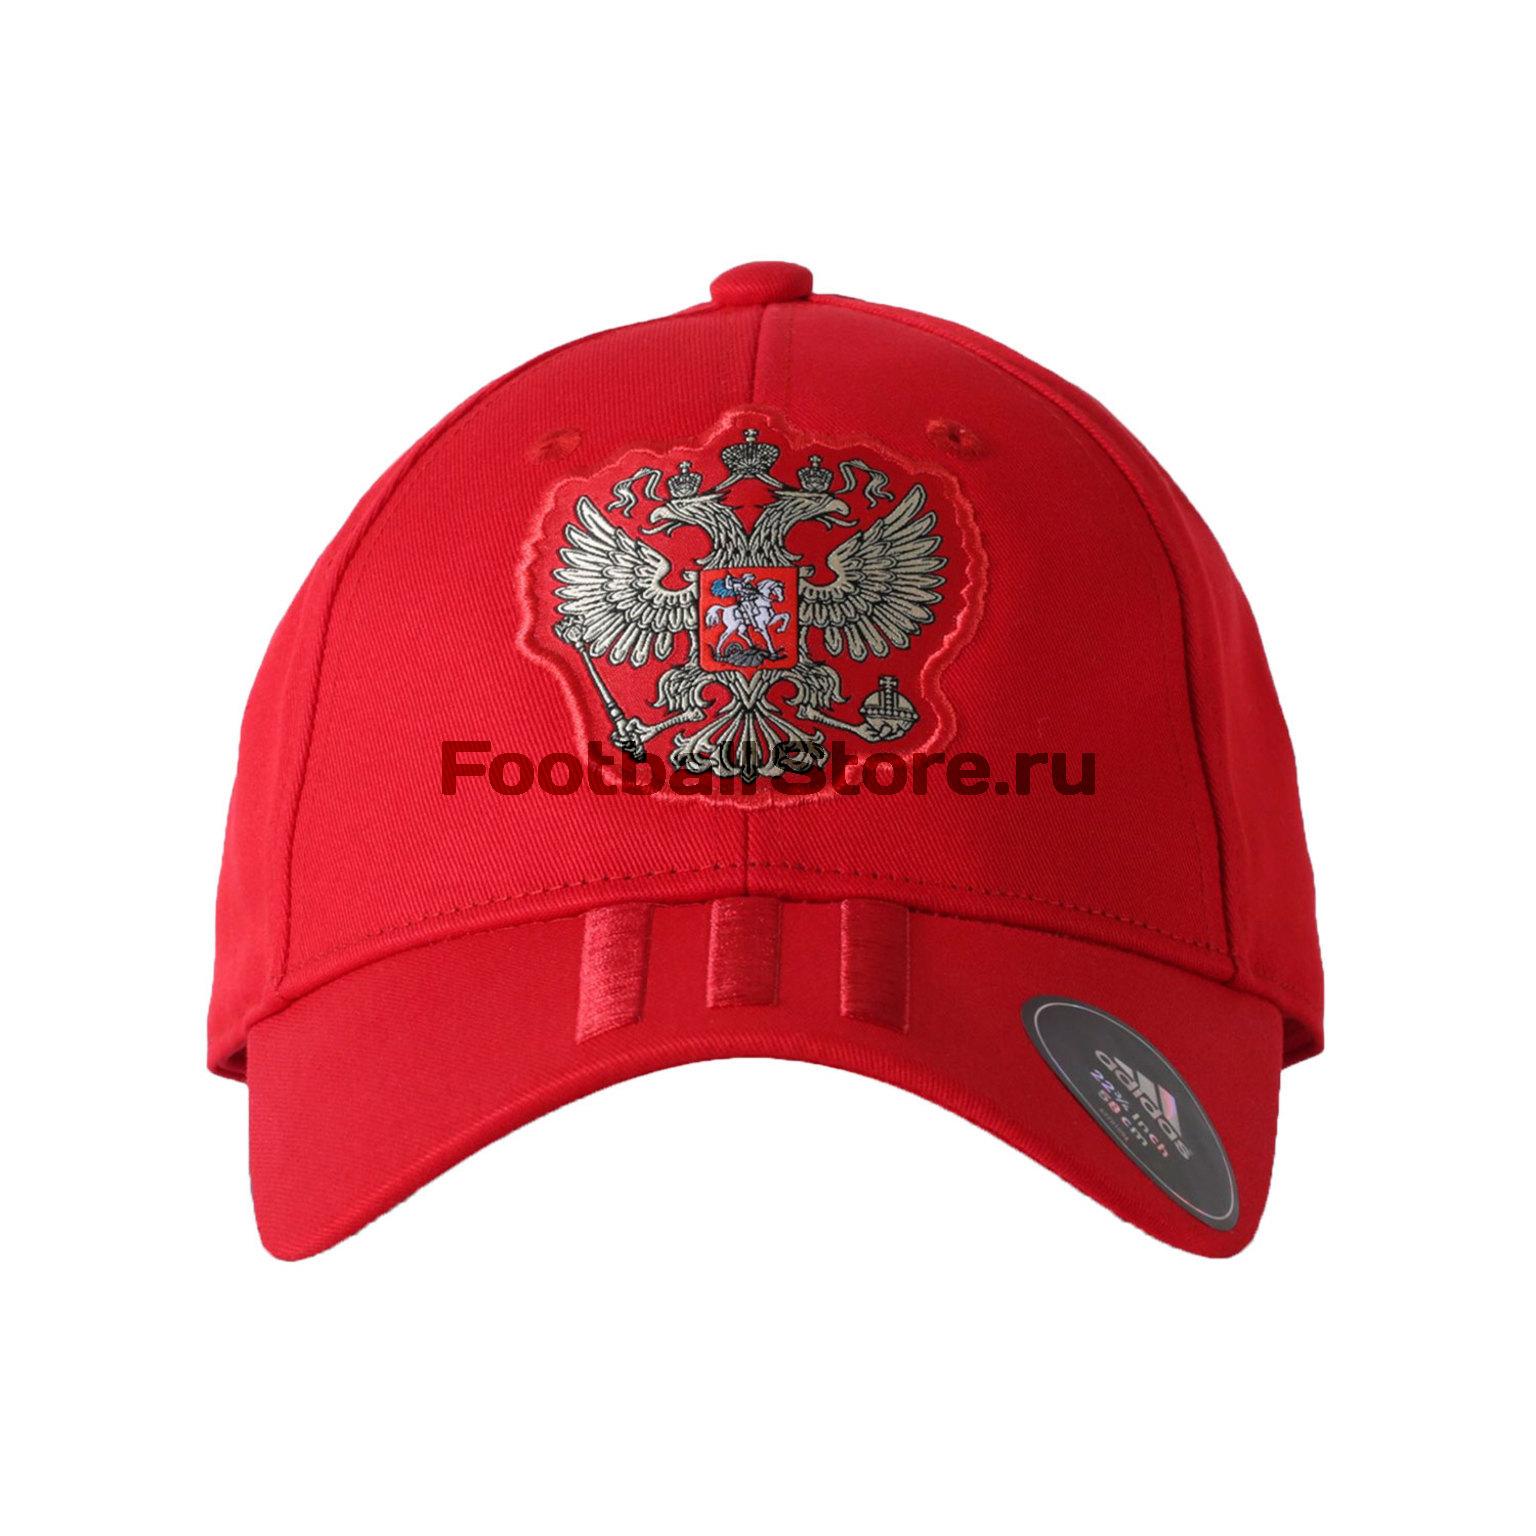 Бейсболка Adidas Россия CE5867 - купить в интернет-магазине footballstore f112f6d0fc7